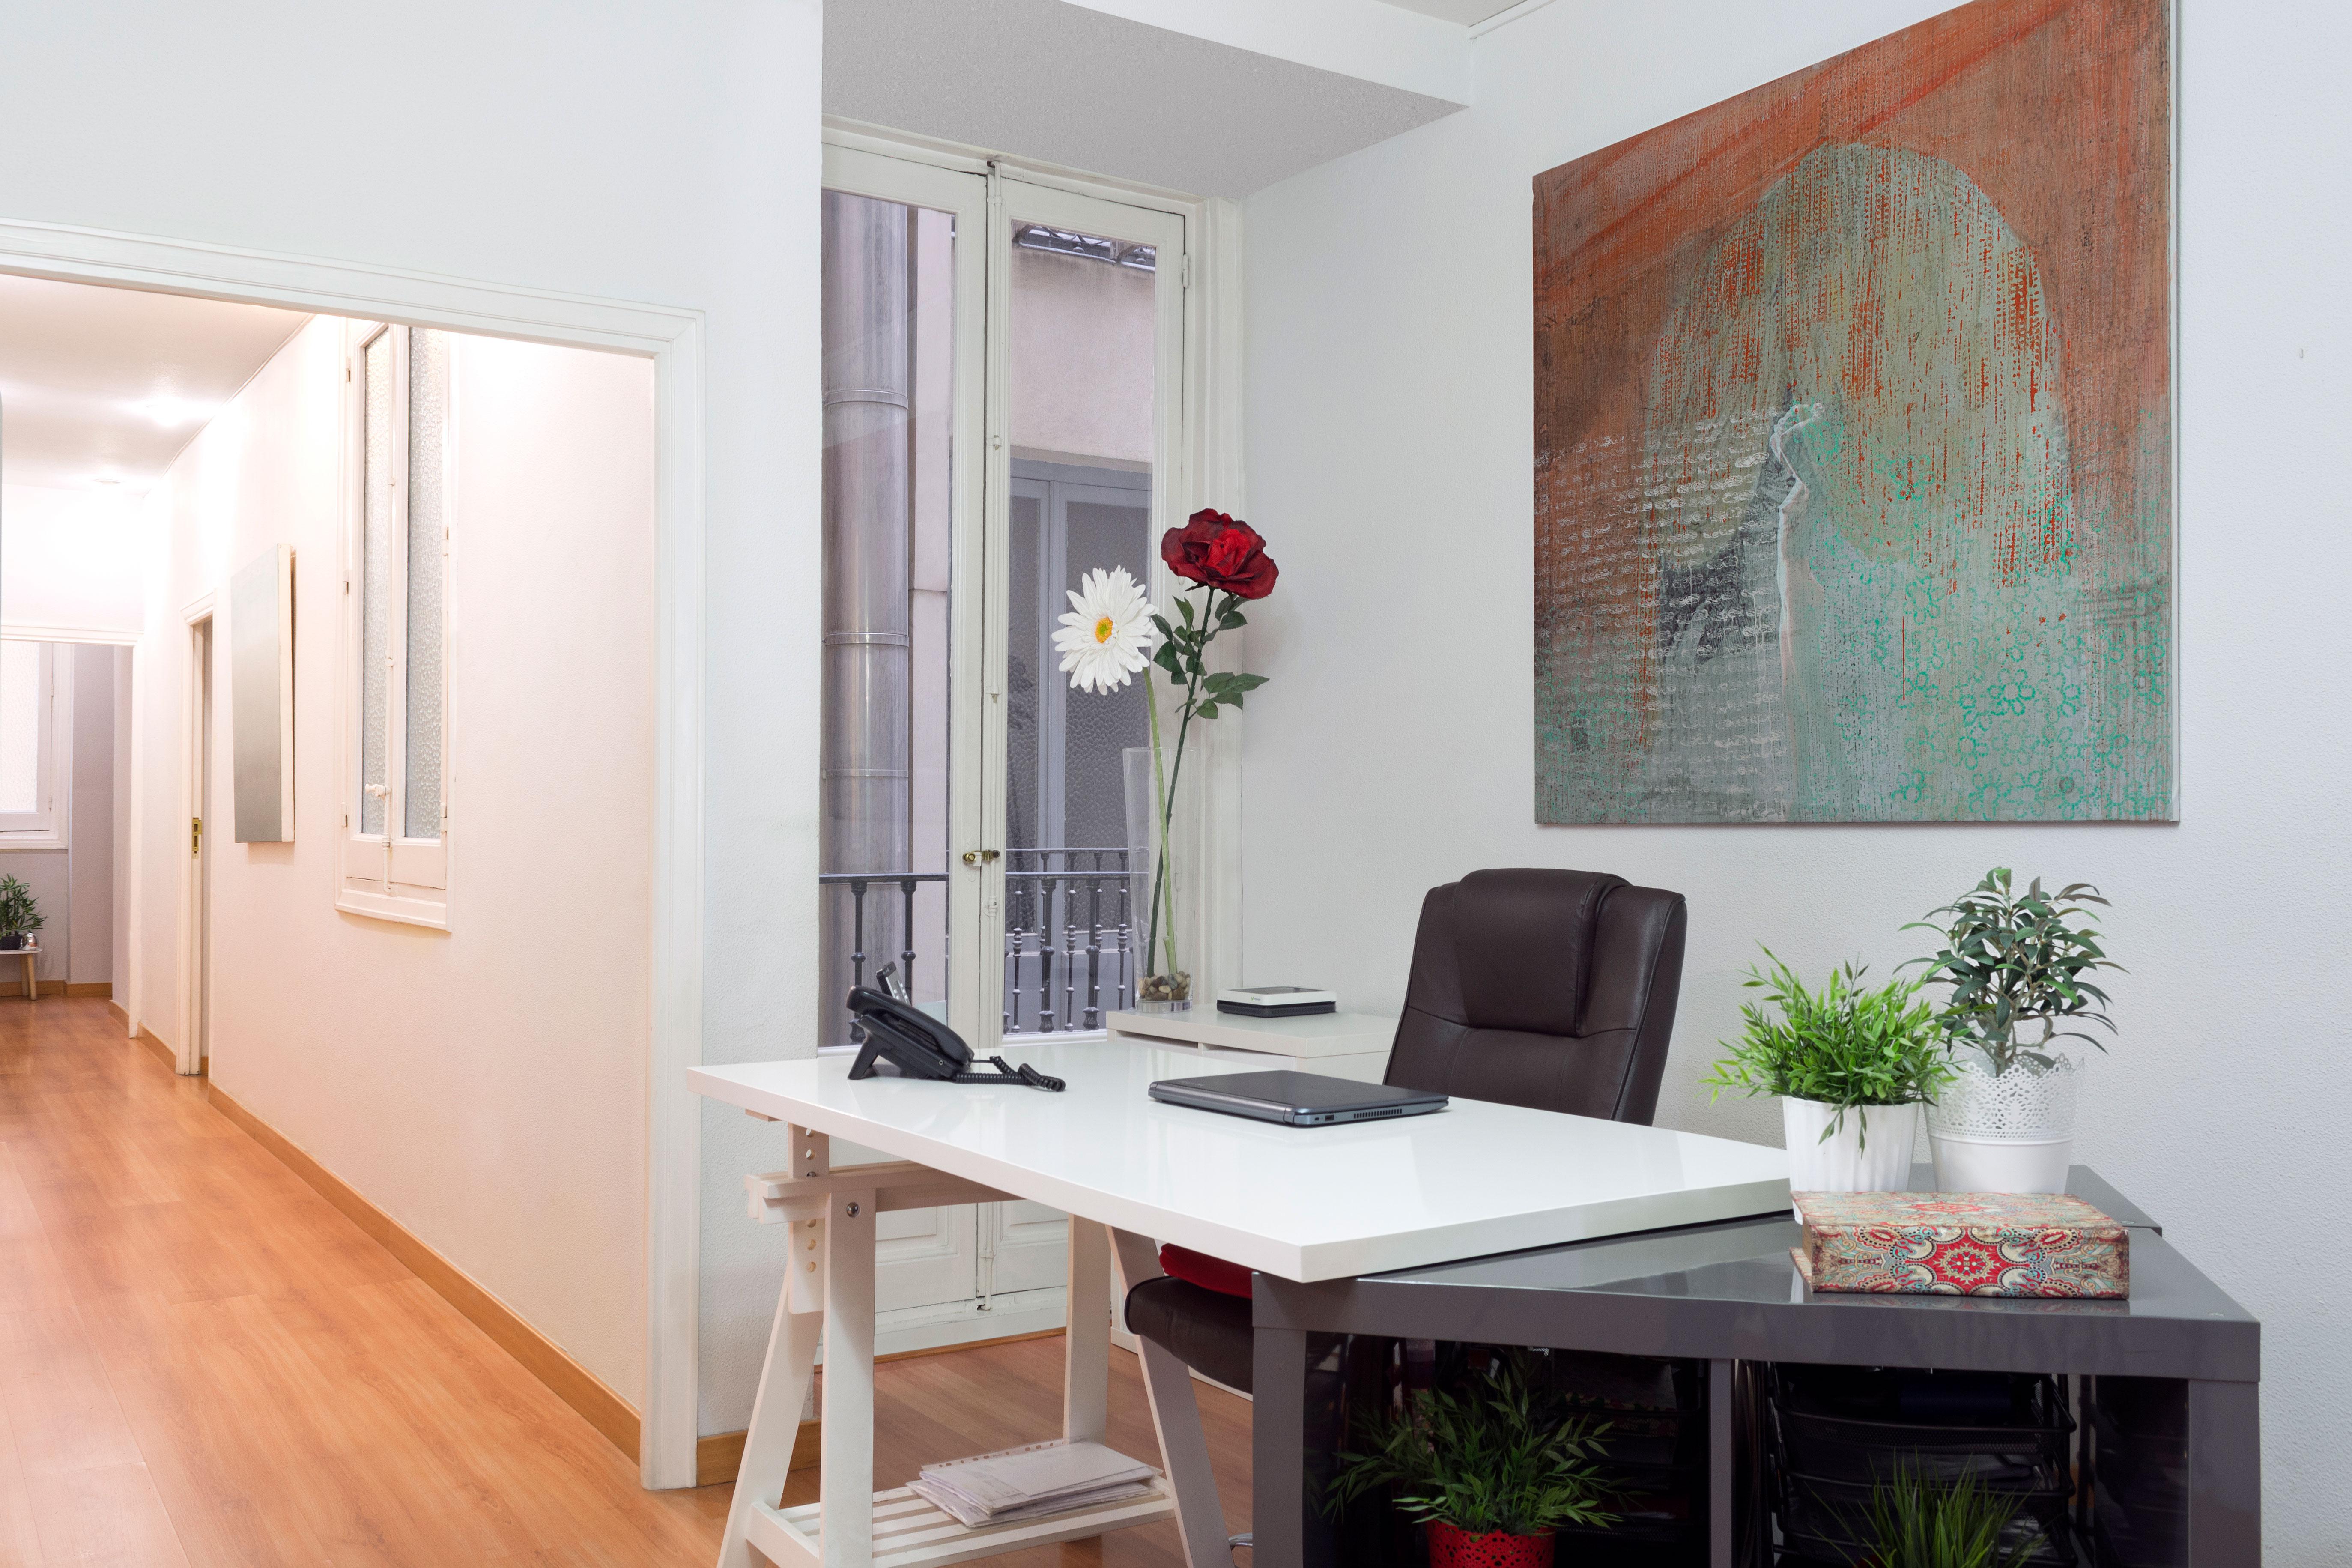 Oficina virtual madrid alquiler de despachos por horas for Oficinas por horas